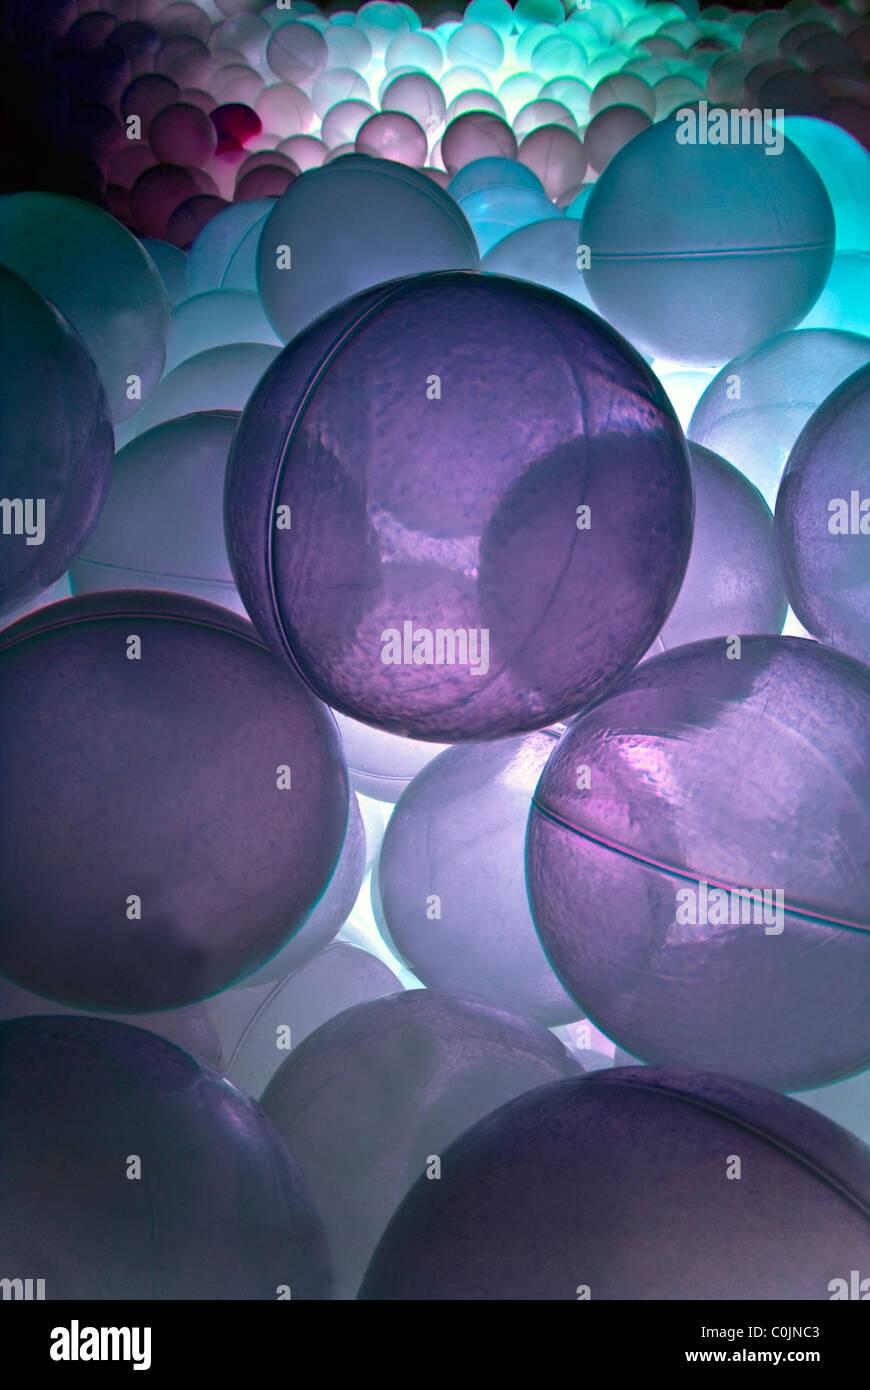 Piscina de bolas con luz púrpura en la luz sala sensorial. Foto de stock